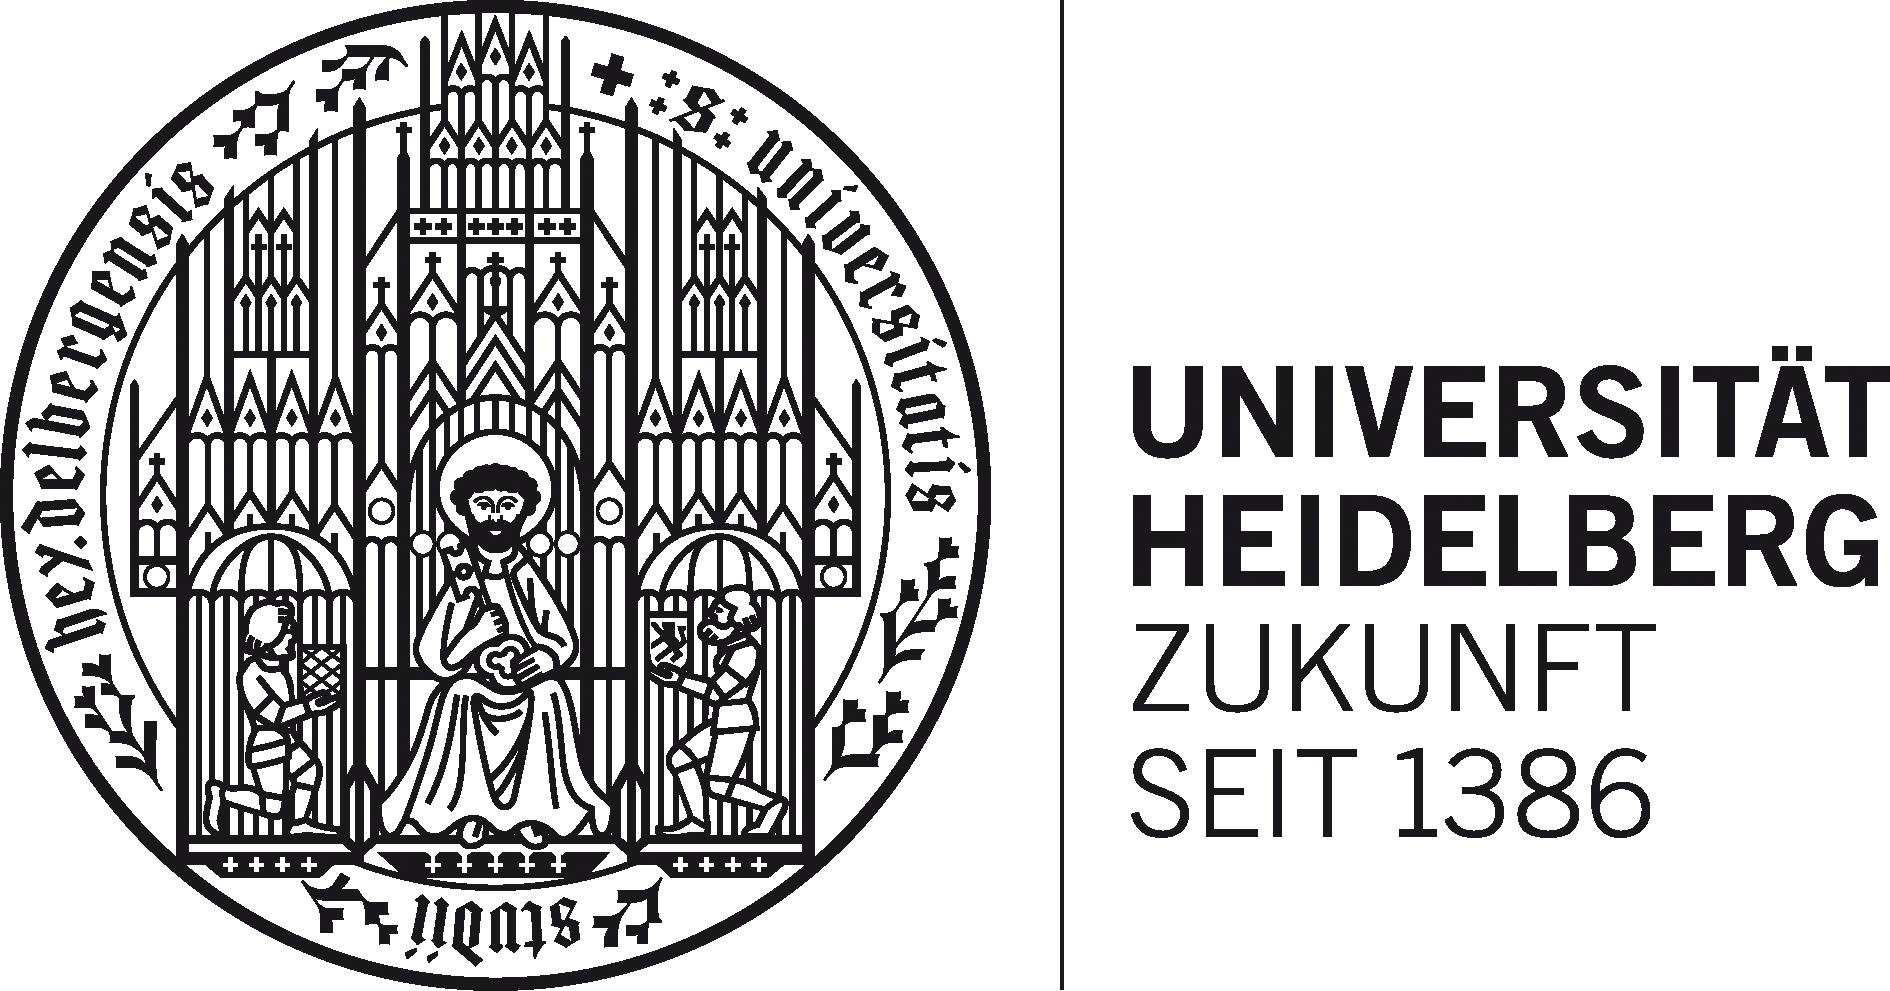 hd-logo-sw-small